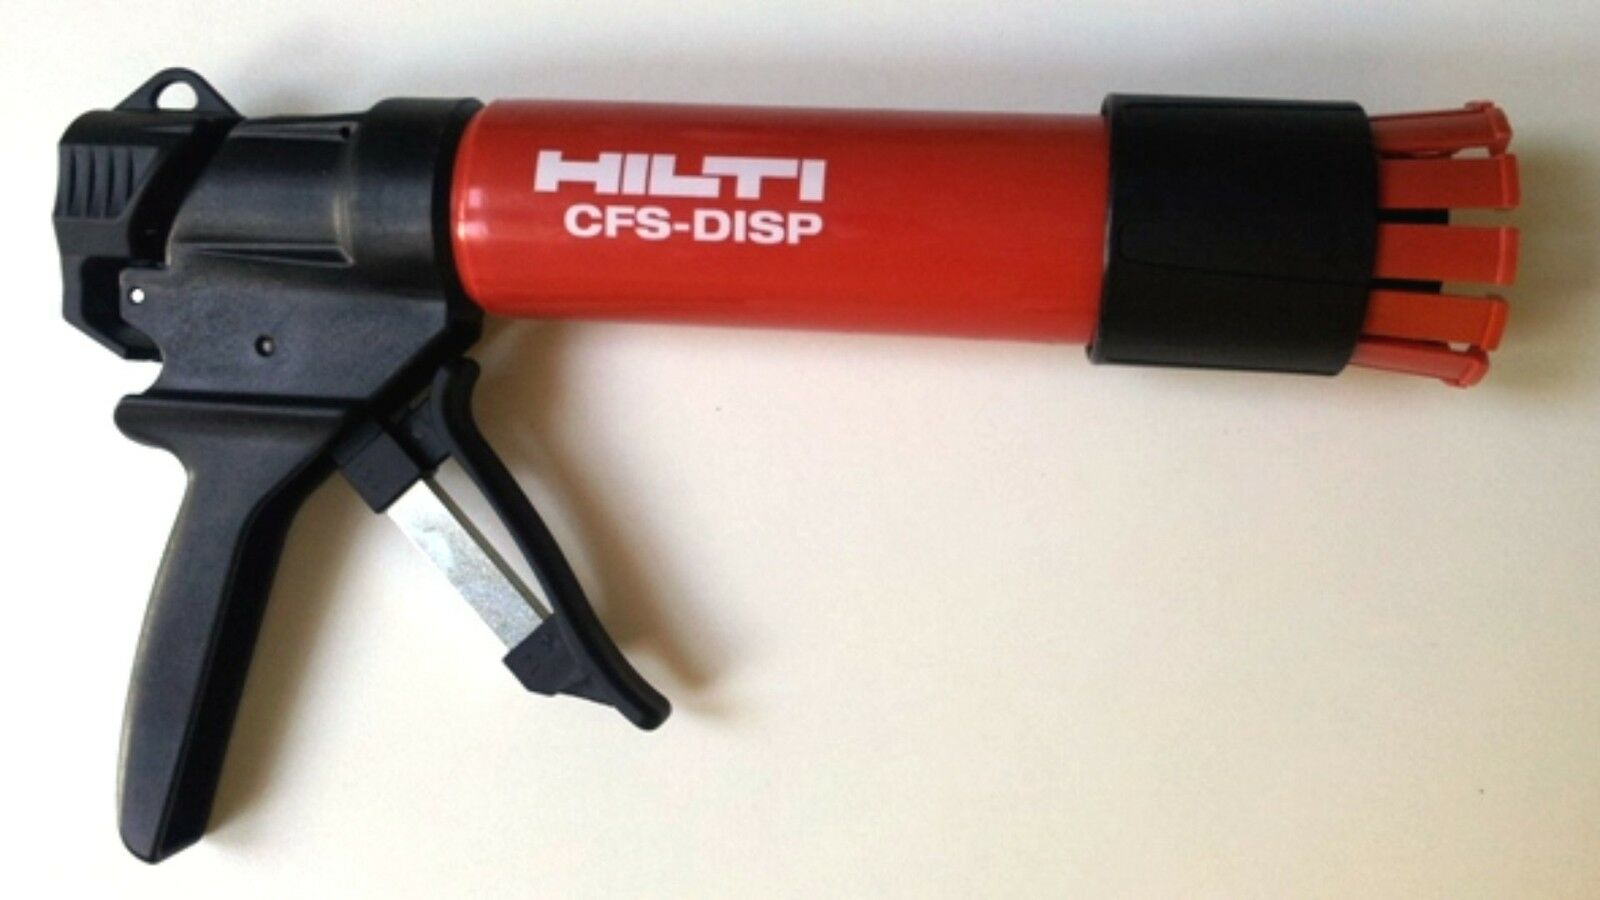 HILTI Silikon - Acryl - Auspressgerät CFS-DISP CFS-DISP CFS-DISP Kartuschenpresse Dispencer | Schnelle Lieferung  | eine breite Palette von Produkten  | Online Shop Europe  bed050